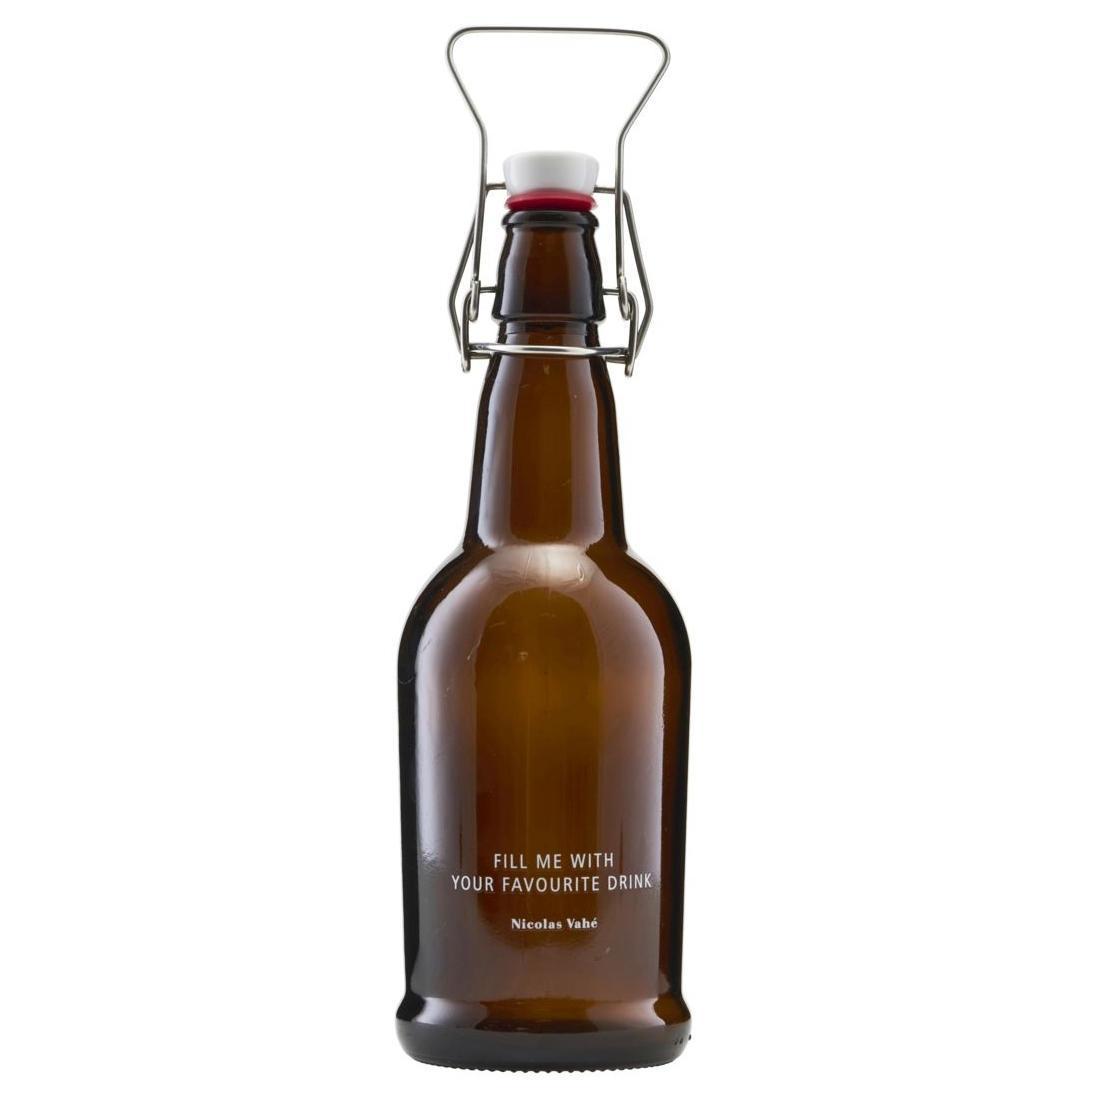 Nicolas Vahé Skleněná lahev s klipem 480 ml - hnědá, hnědá barva, sklo